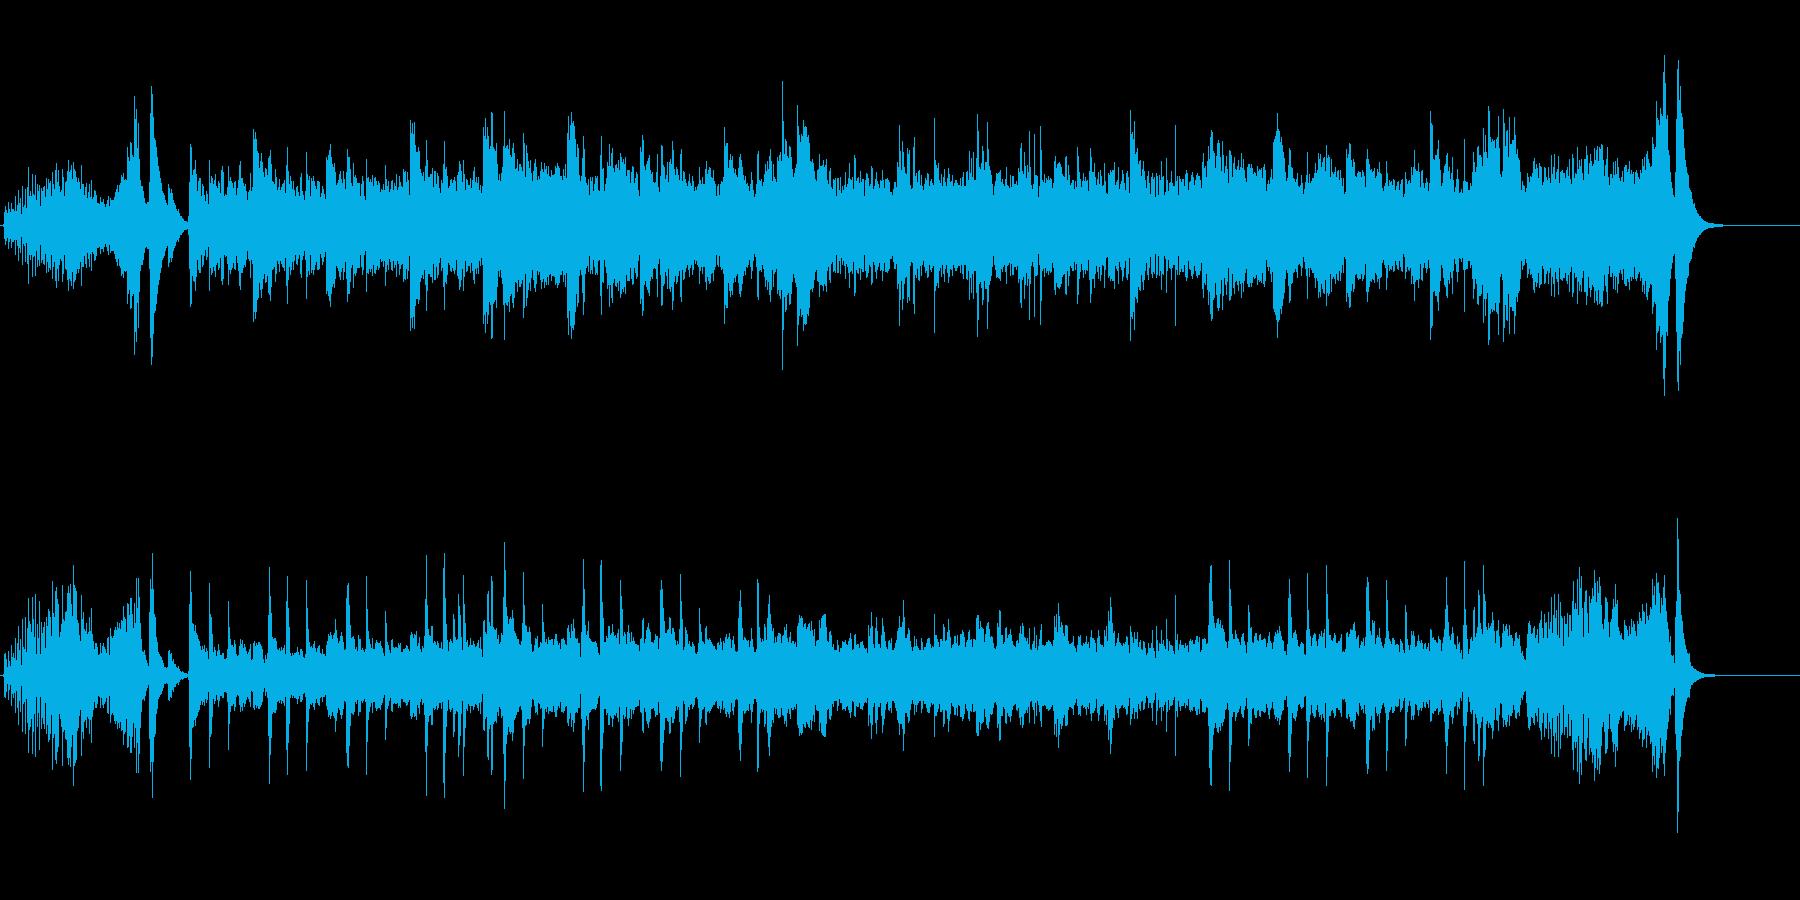 ベスト・オブ・ザ・邦楽の調べの再生済みの波形